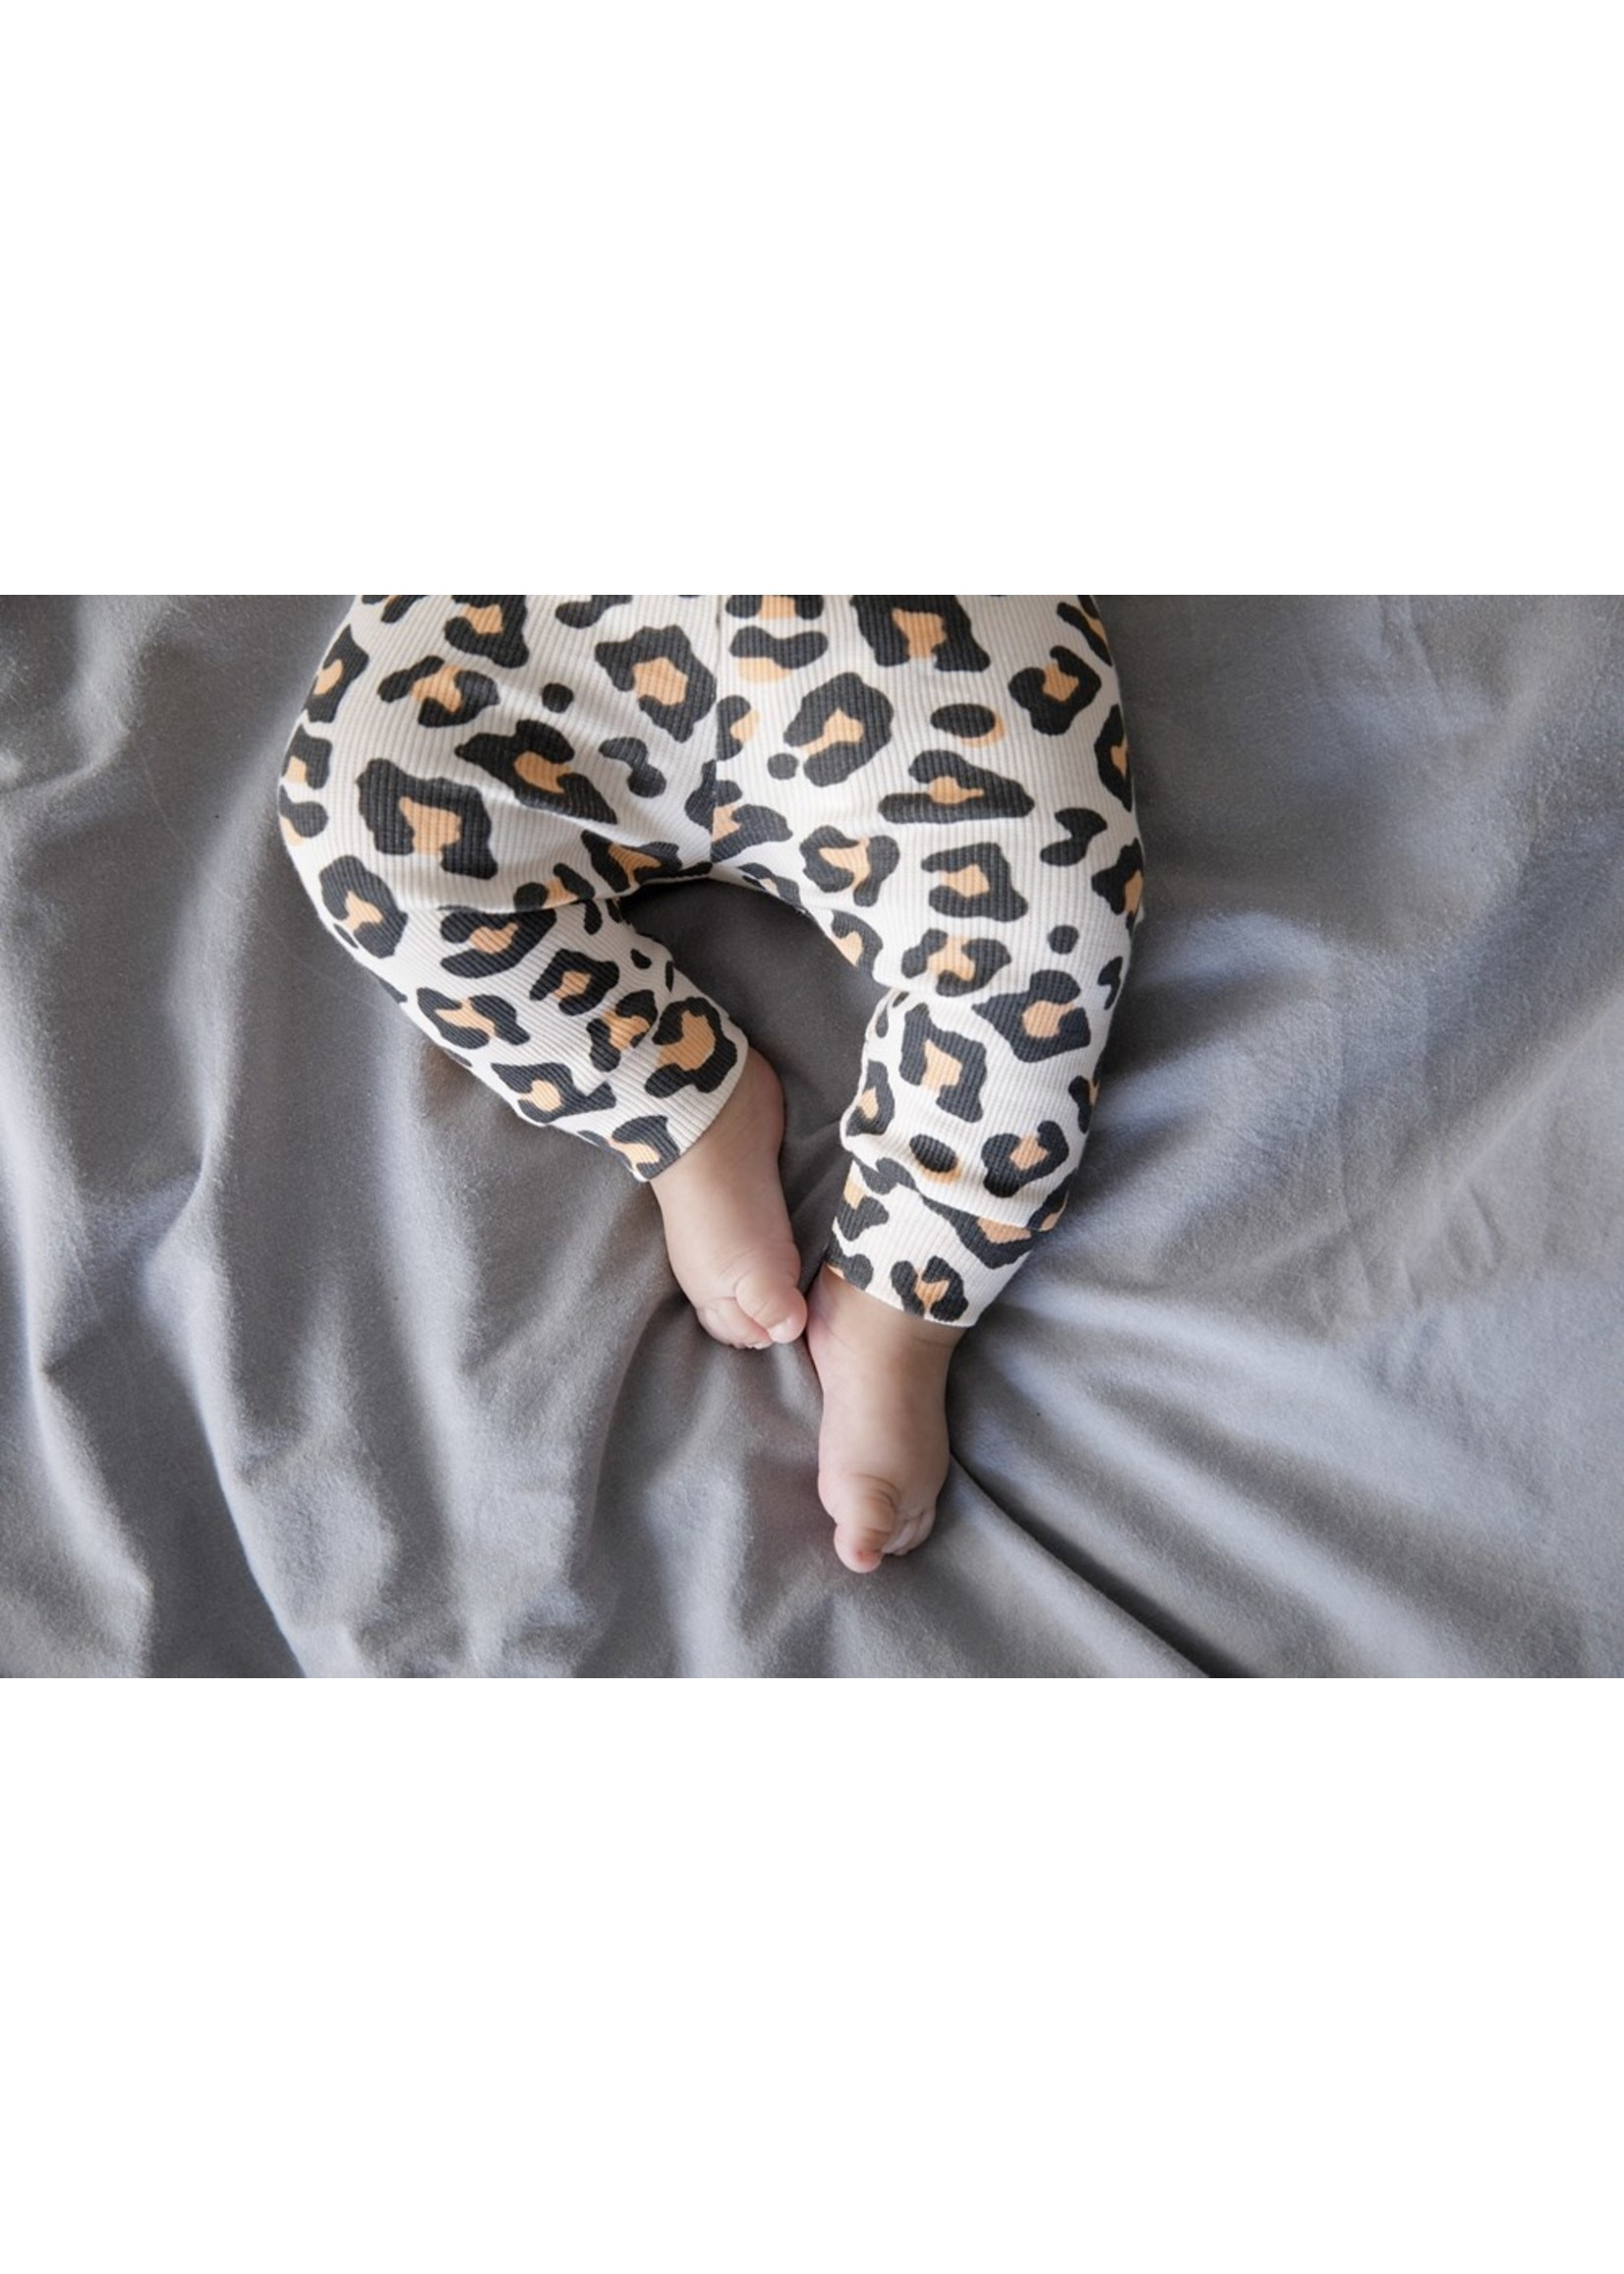 Feetje Leopard Lou - Premium Sleepwear by FEETJE